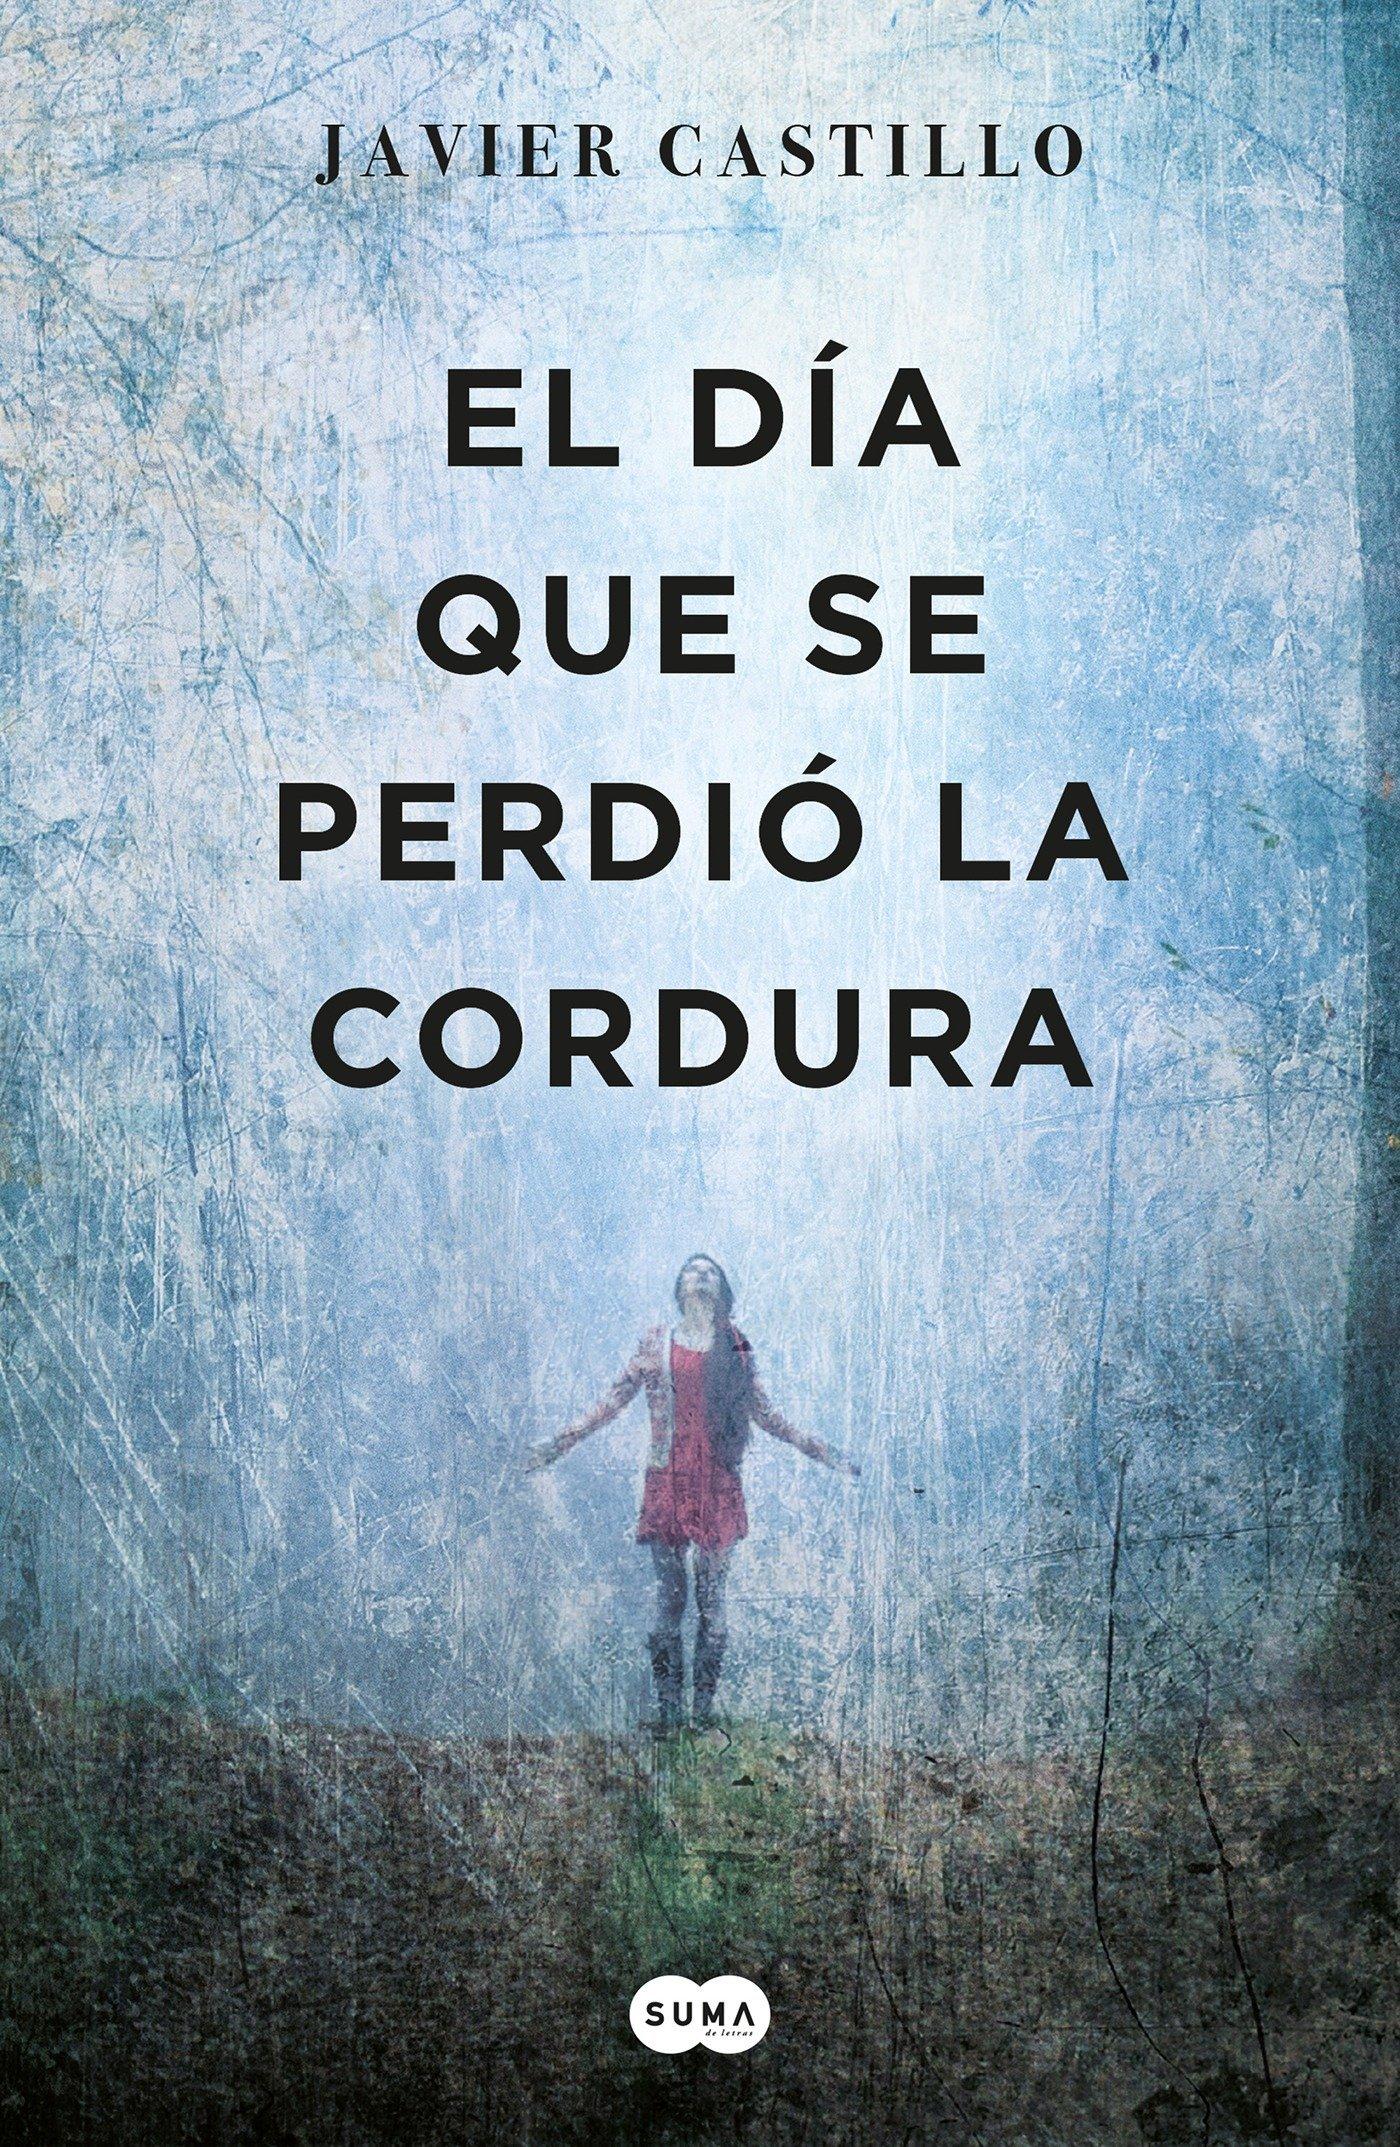 El día que se perdió la cordura (Tinta negra): Amazon.es: Castillo ...